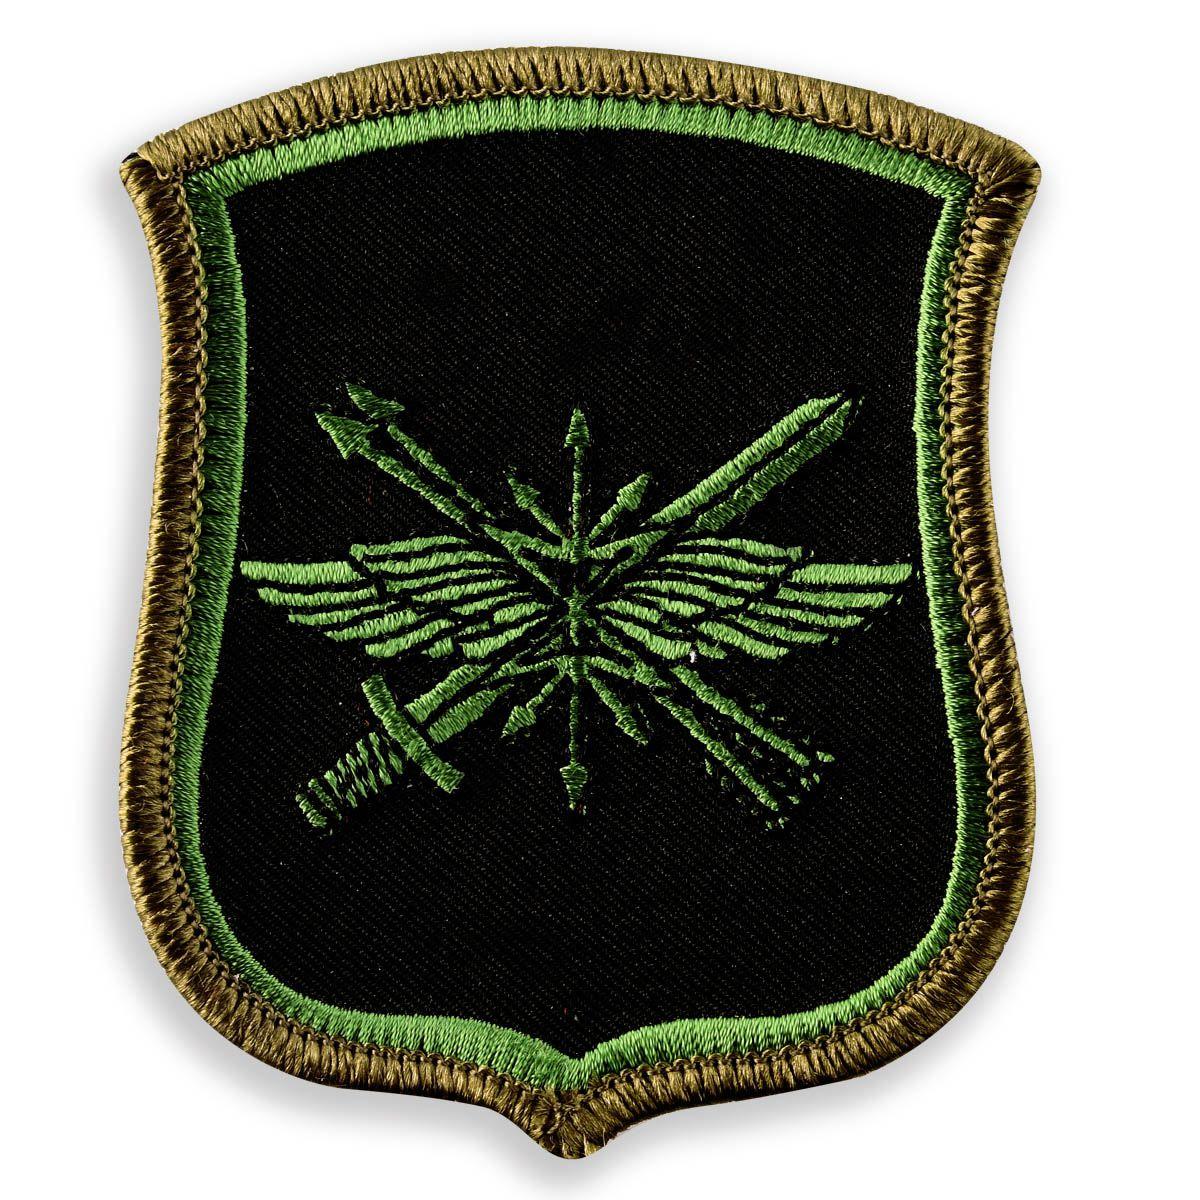 Нарукавный знак 882-го ЦУС РВСН на полевую форму